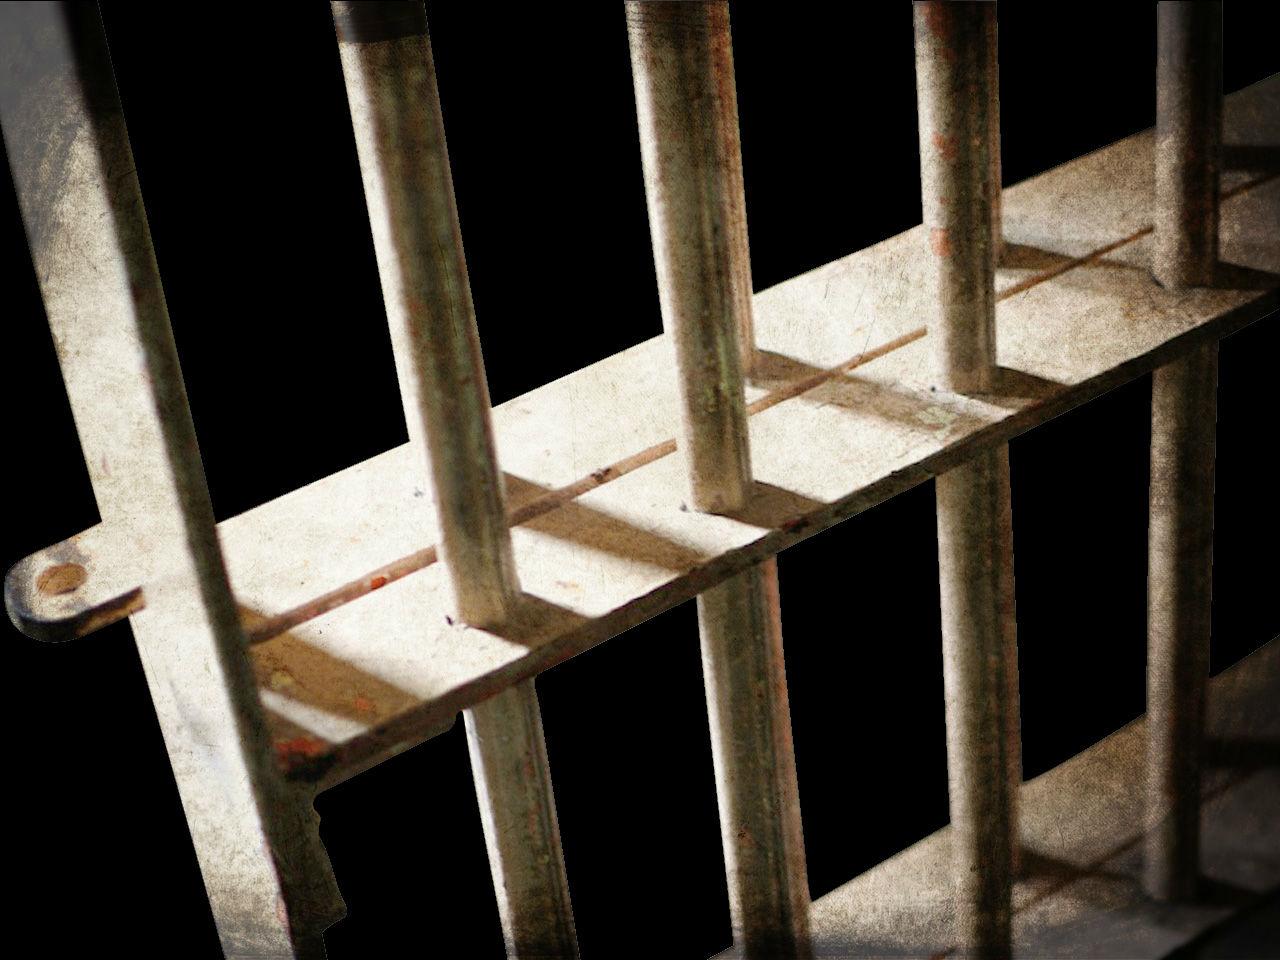 prison_bars_153587